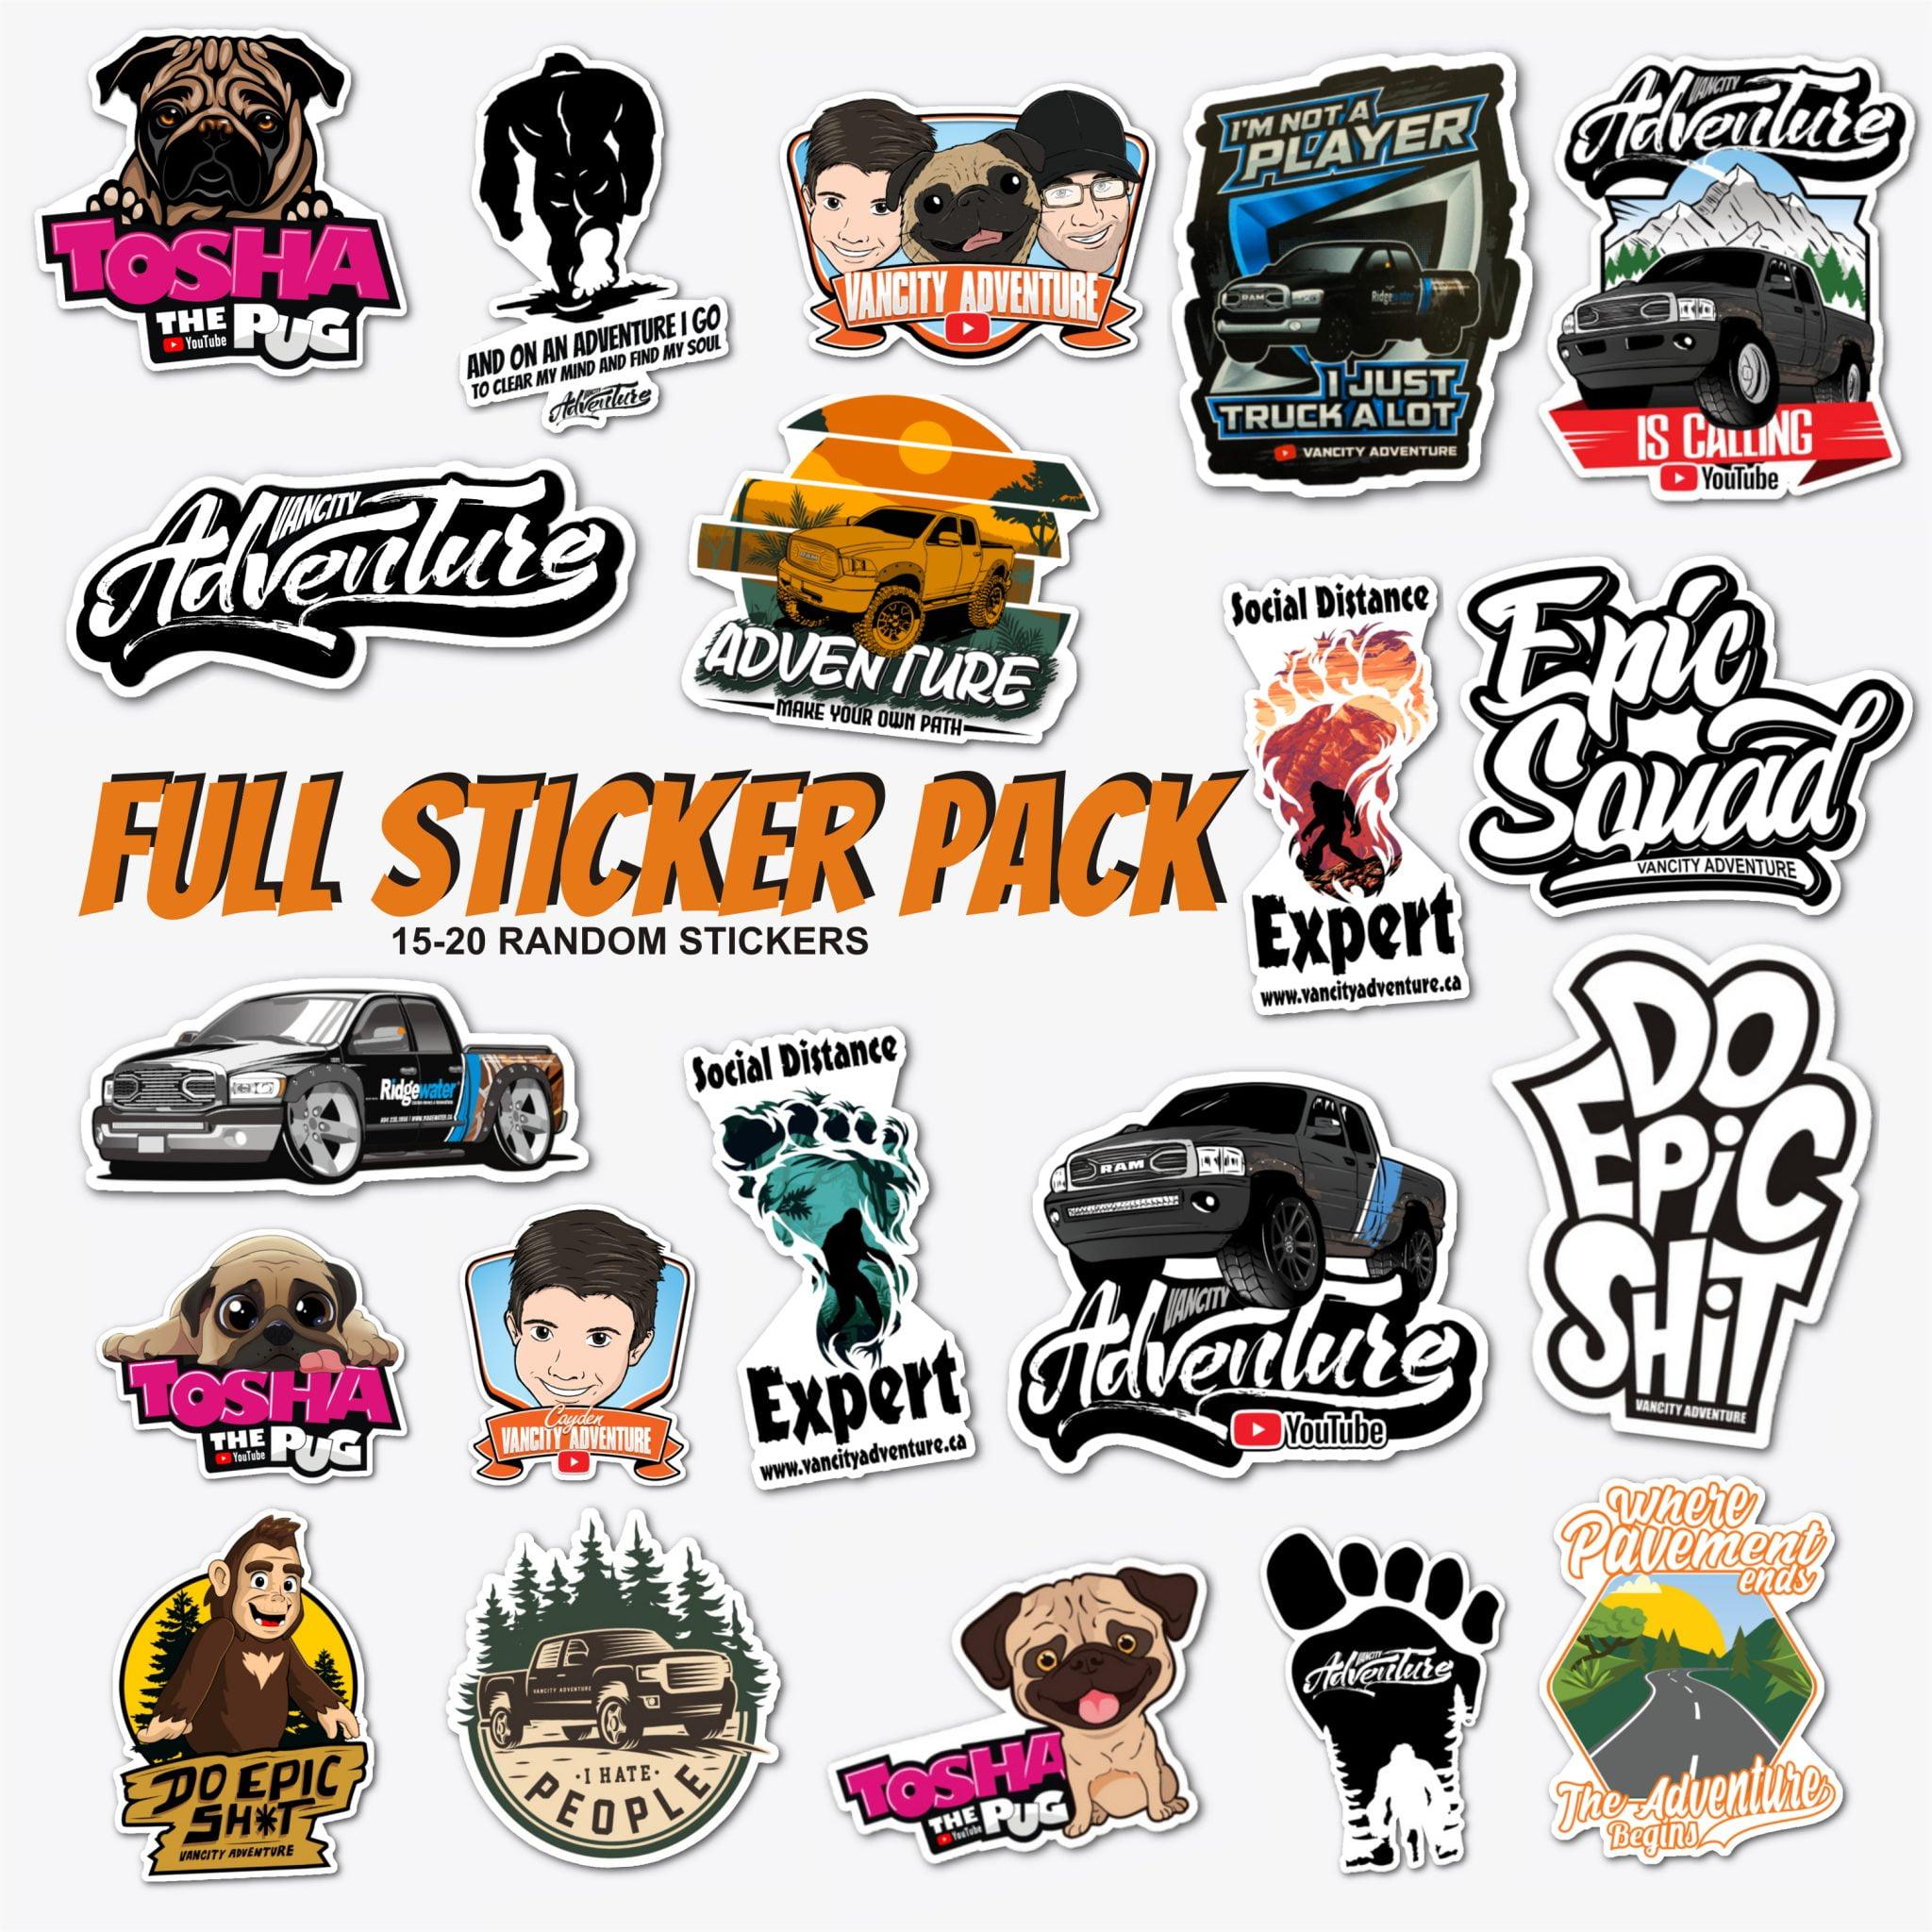 Full Sticker Pack